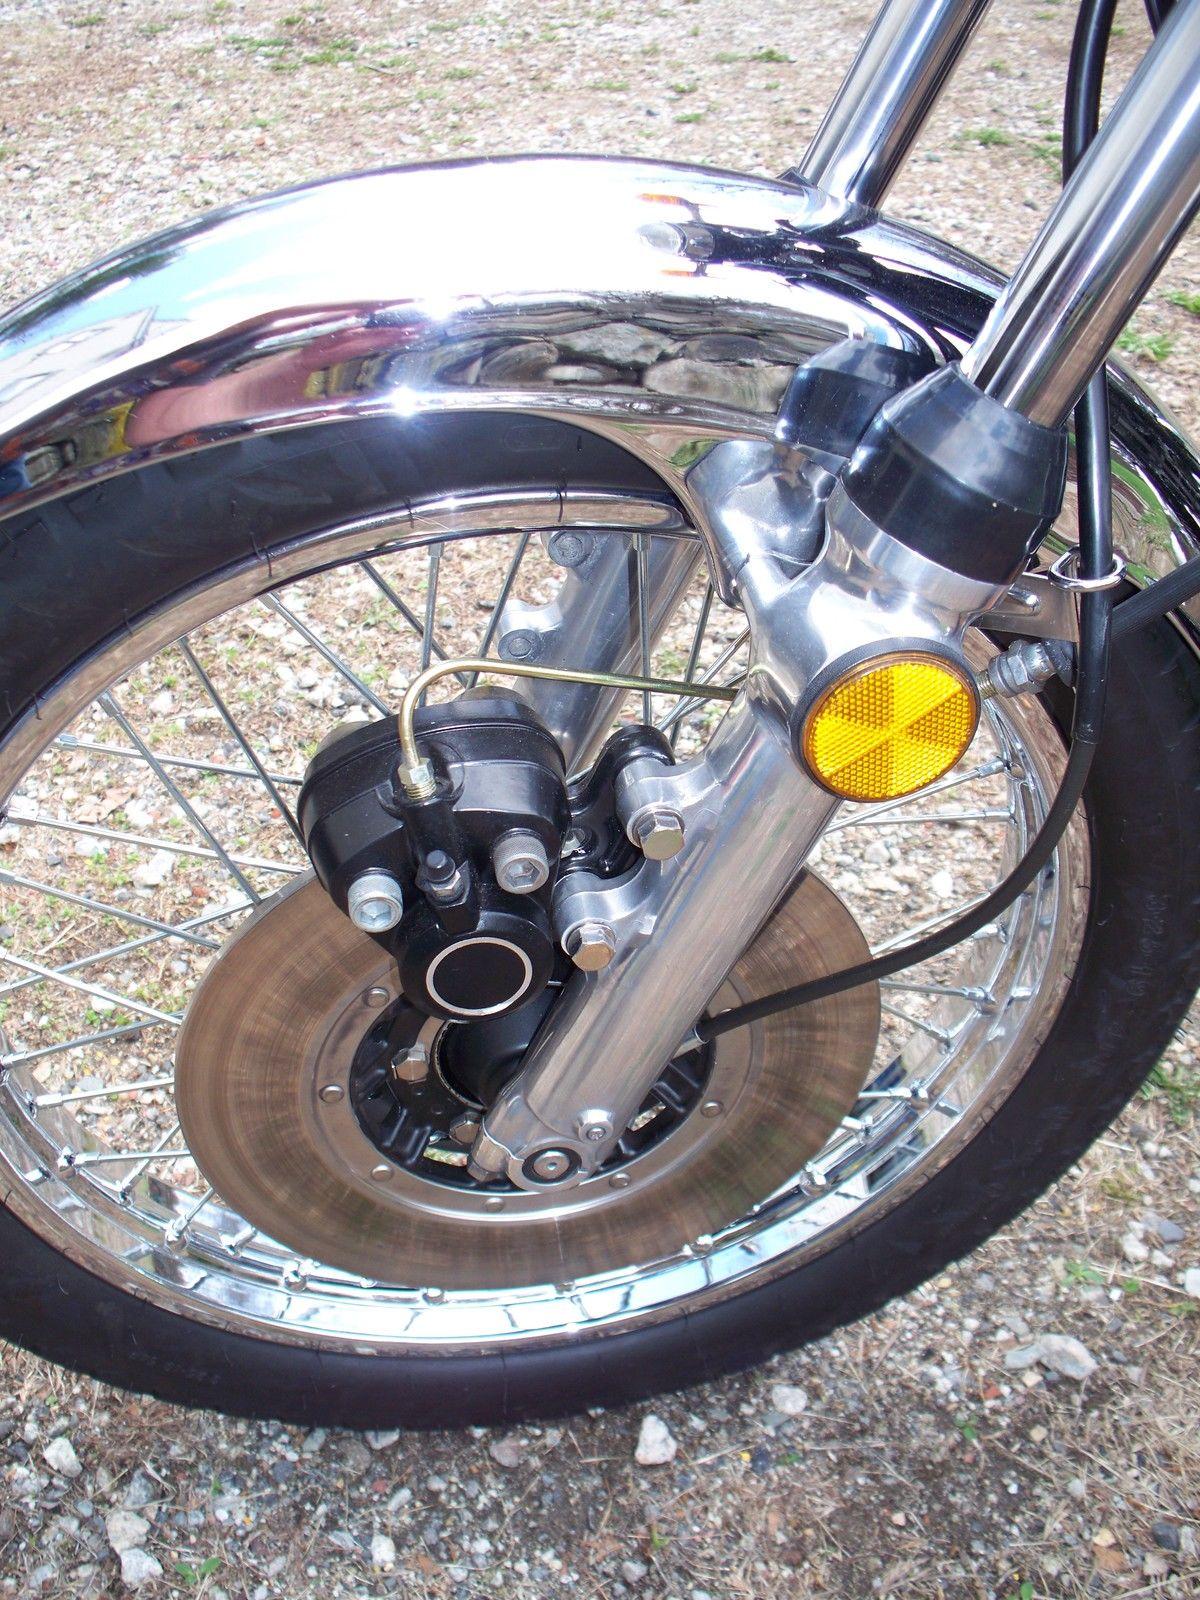 Restored Kawasaki Z1 1975 Photographs At Classic Bikes